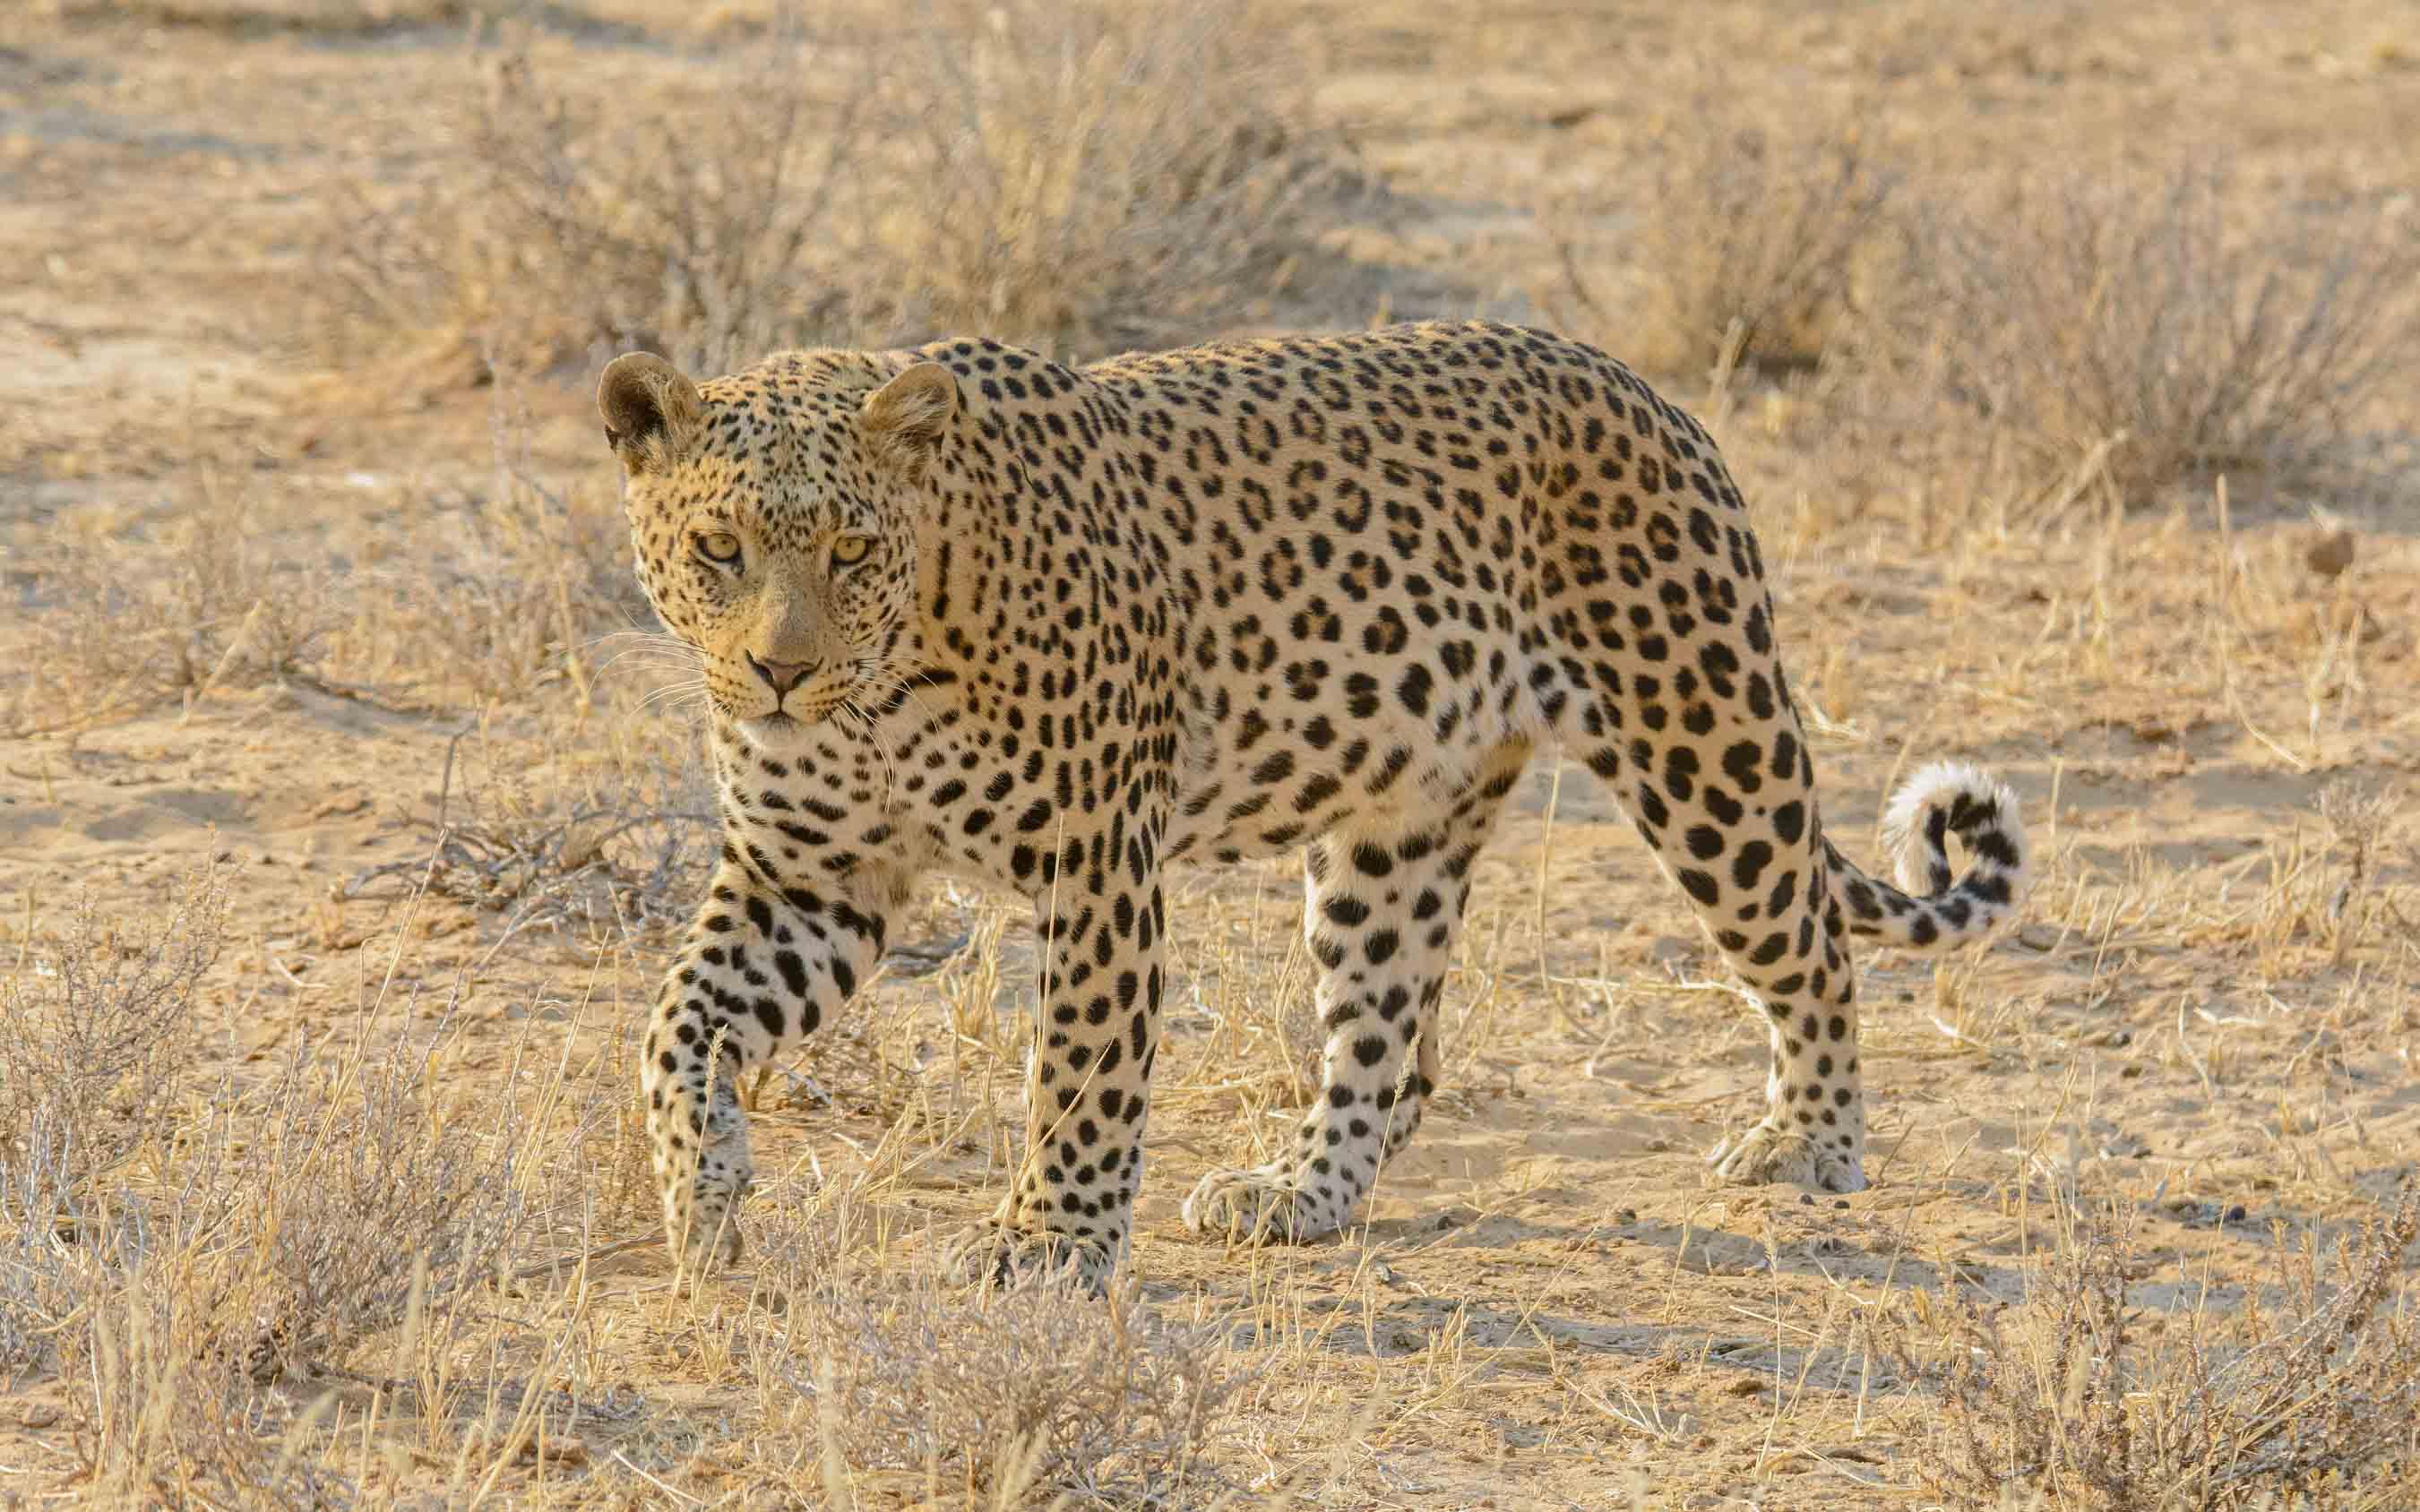 Mammal and Birding Tour South Africa: The Kalahari April 2020/2021